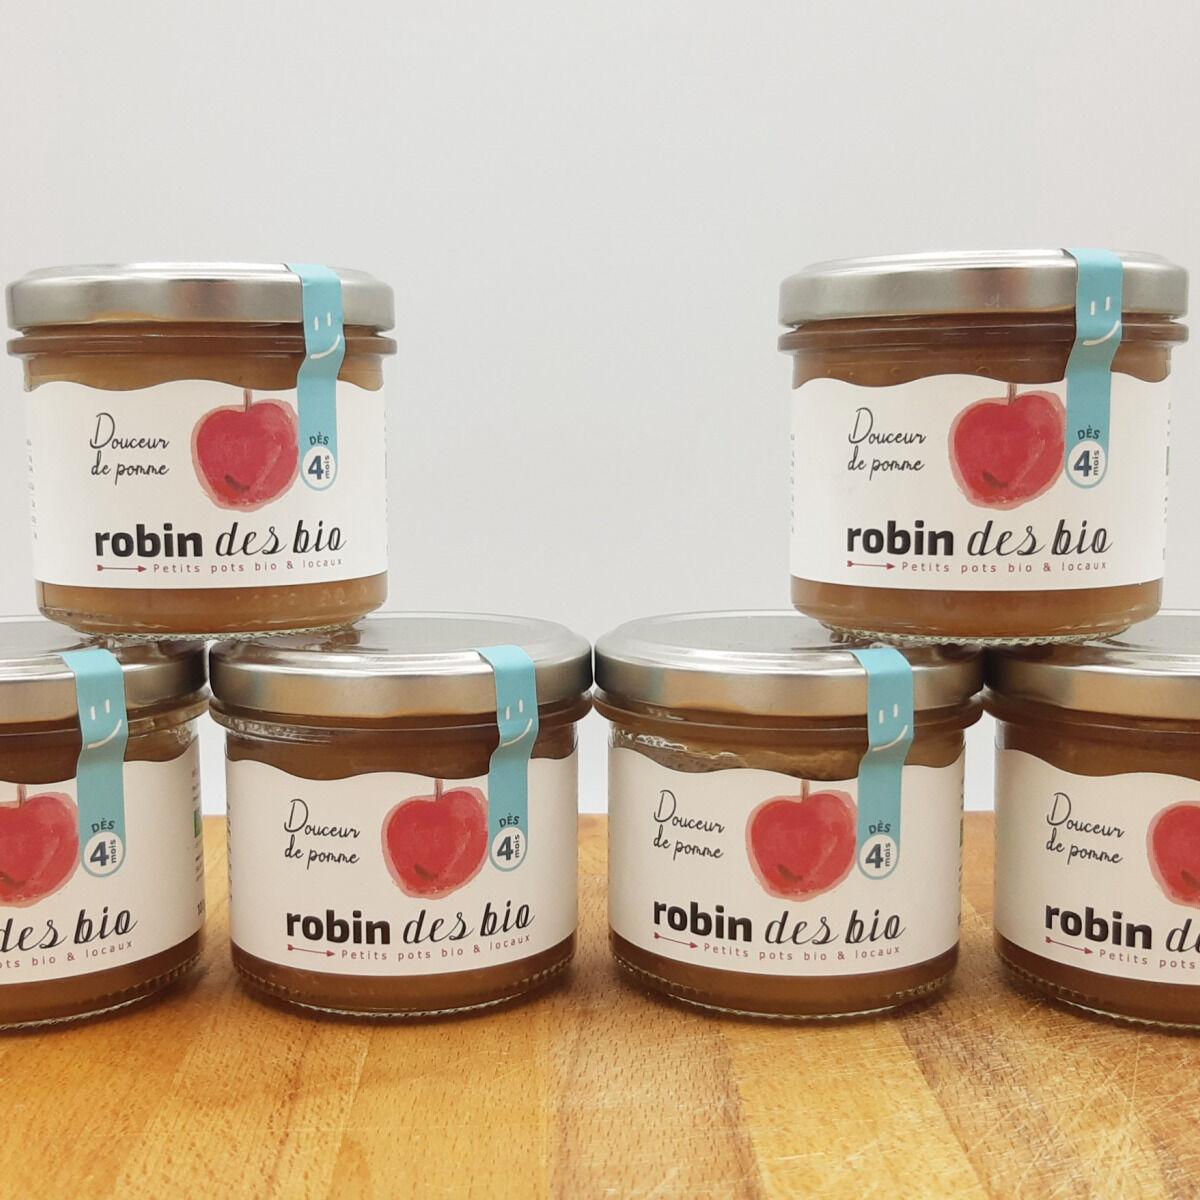 Robin des Bio Petit pot bébé Bio et Locaux - 6x Pomme (dès 4 mois)